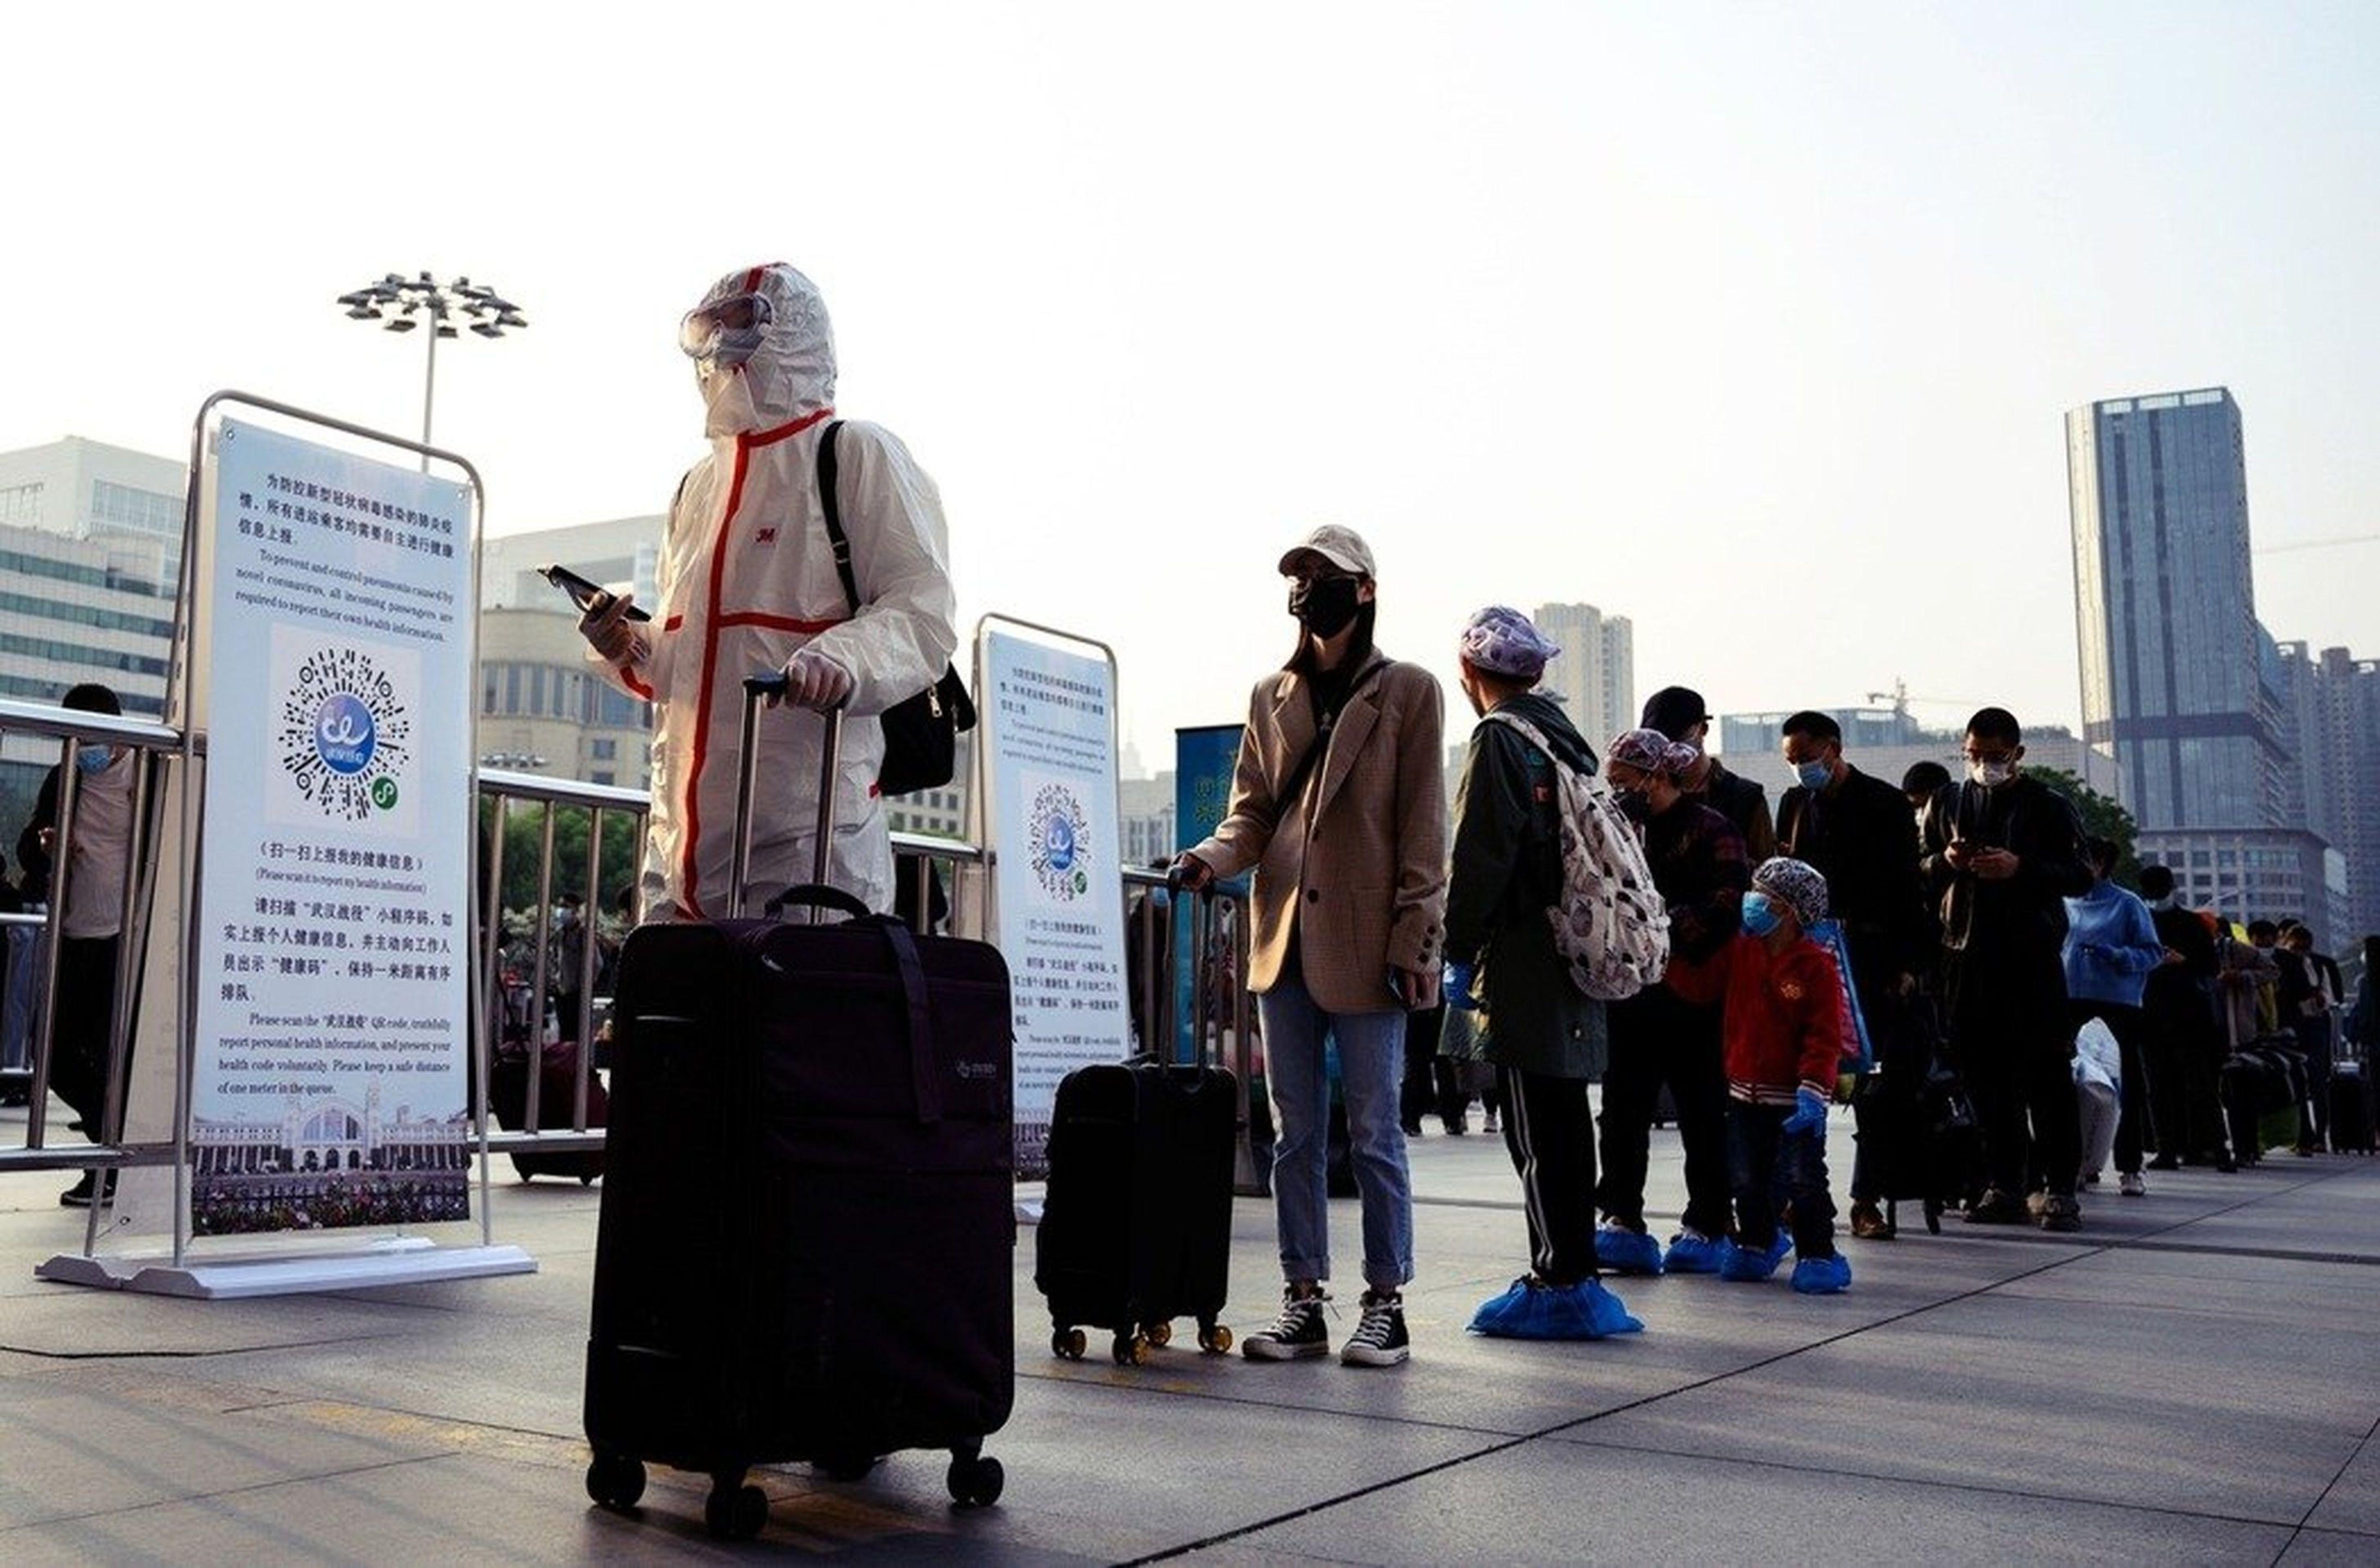 8日上午,在漢口站排隊準備離開的民眾,有的人依然穿戴整套的防護衣。防護衣底下,武漢人擔心「復工之後會不會被歧視?」(Getty Images)